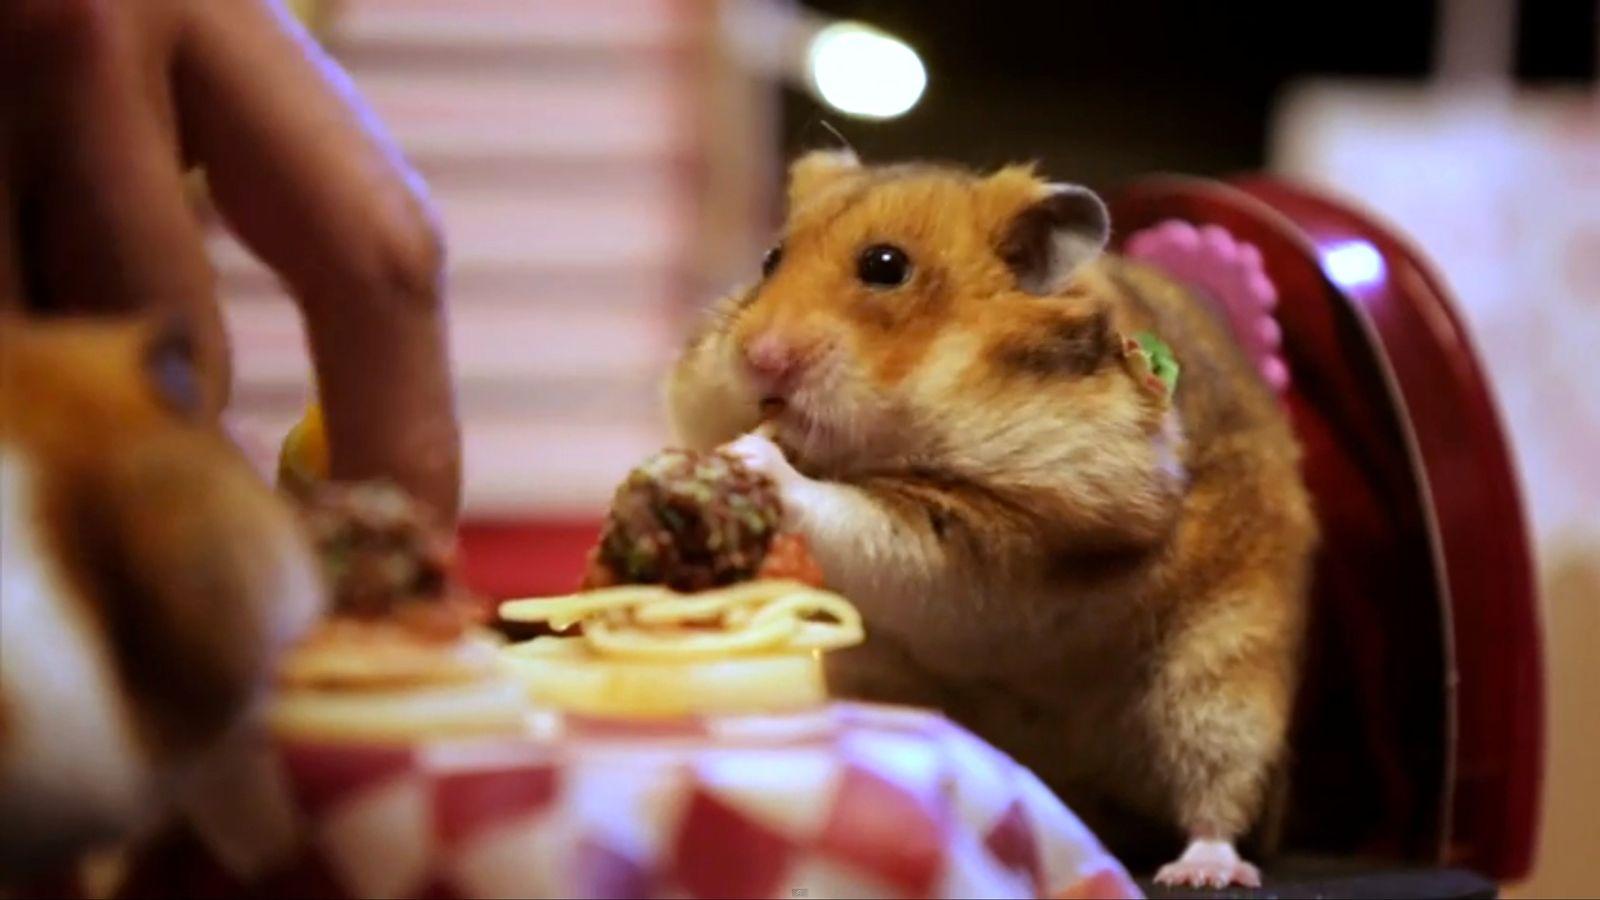 NUR ALS ZITAT Screenshot YouTube/ Hamster